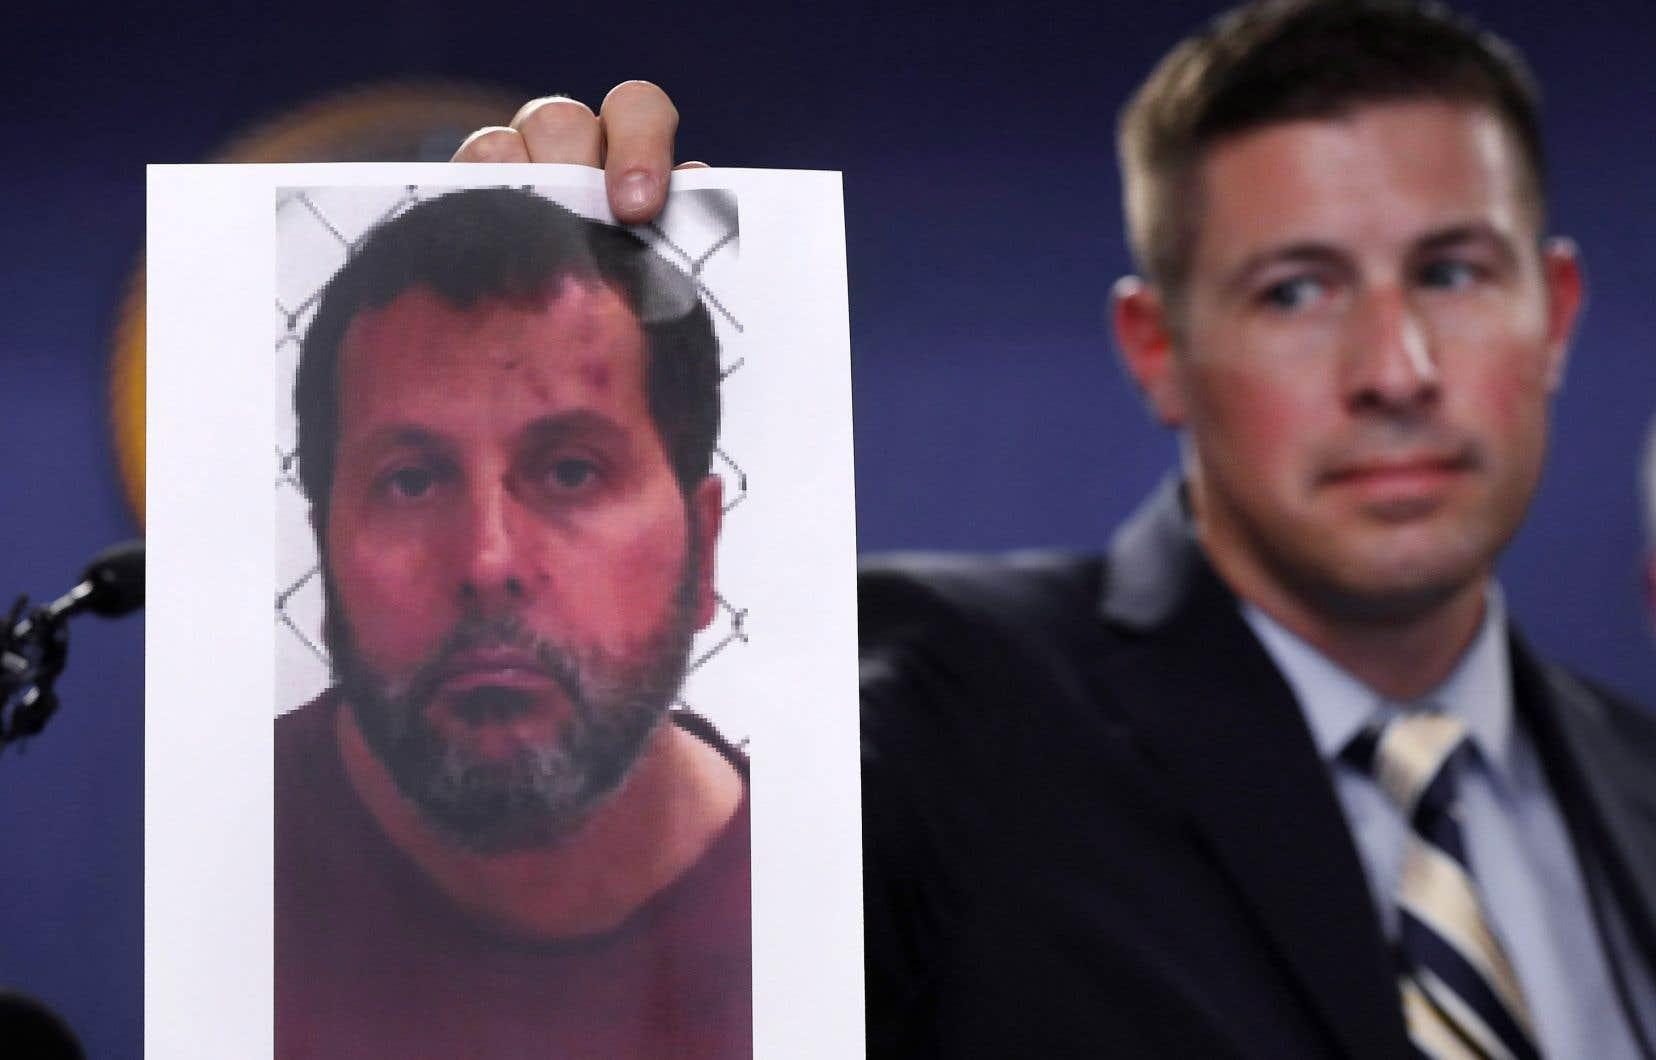 Un agent du FBI montre la photo d'Amor Ftouhi lors d'une conférence de presse à la suite de son attentat au couteau à l'aéroport de Flint.